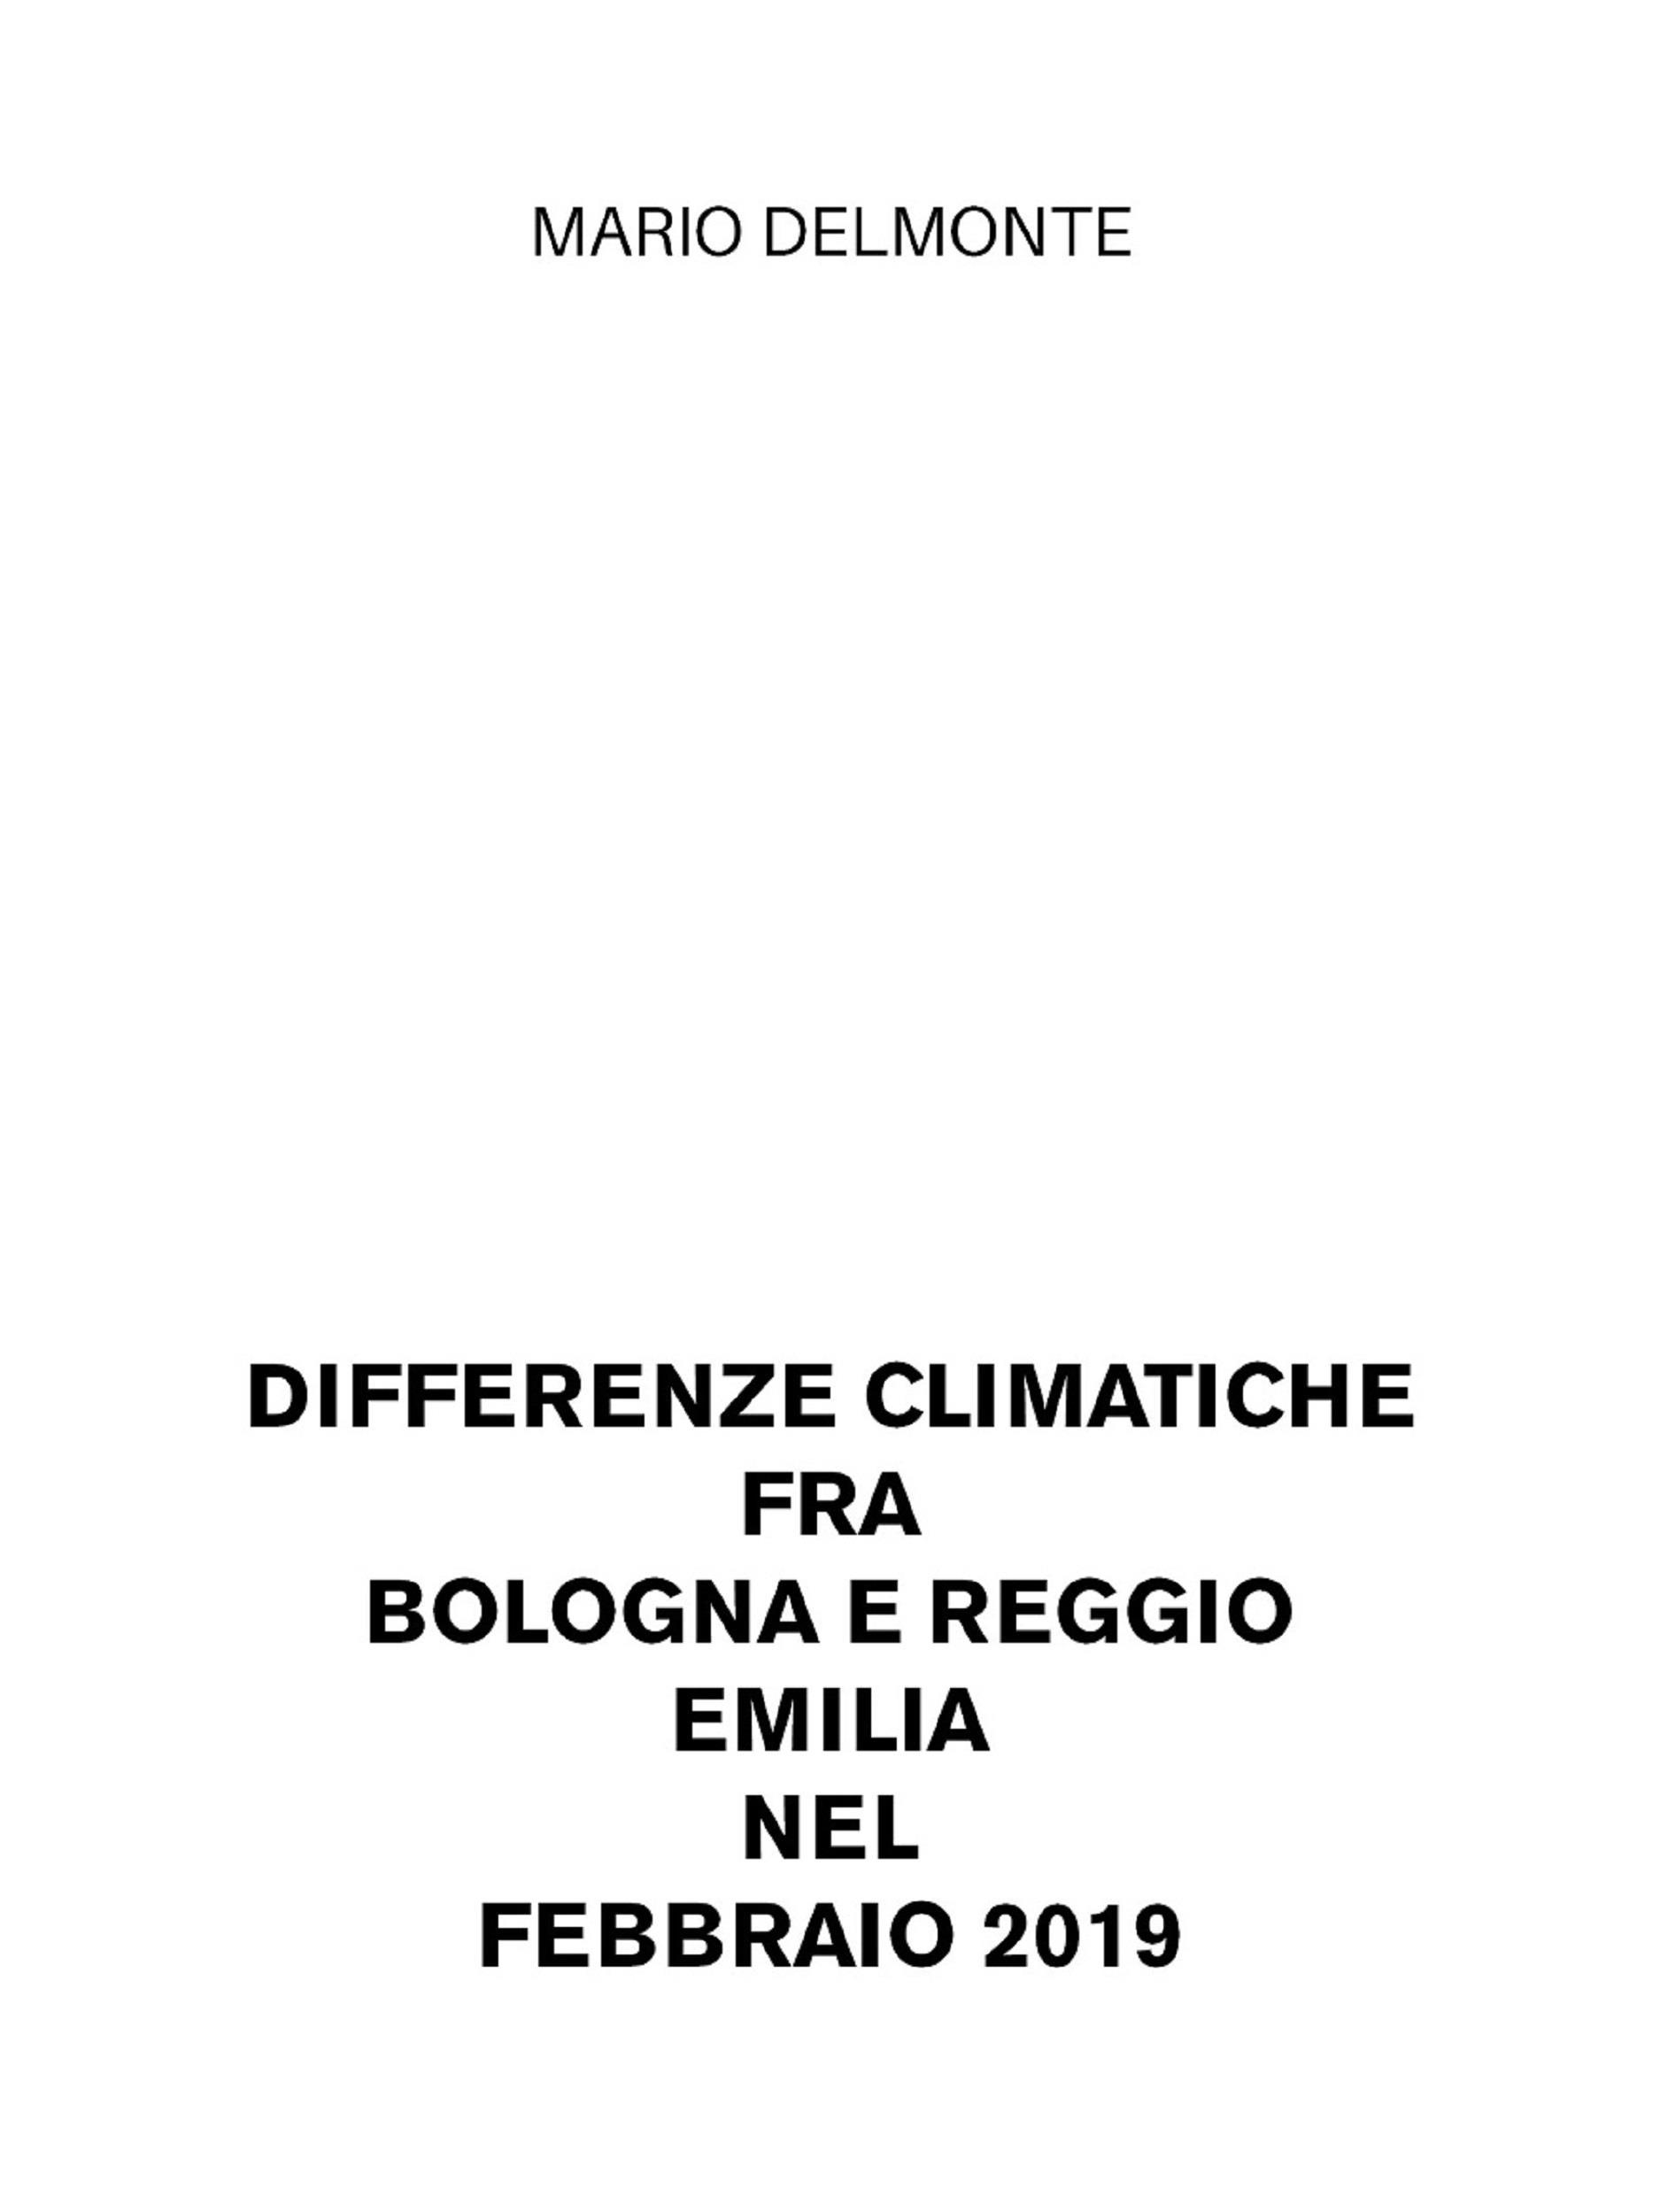 Differenze climatiche fra Bologna e Reggio Emilia nel febbraio 2019